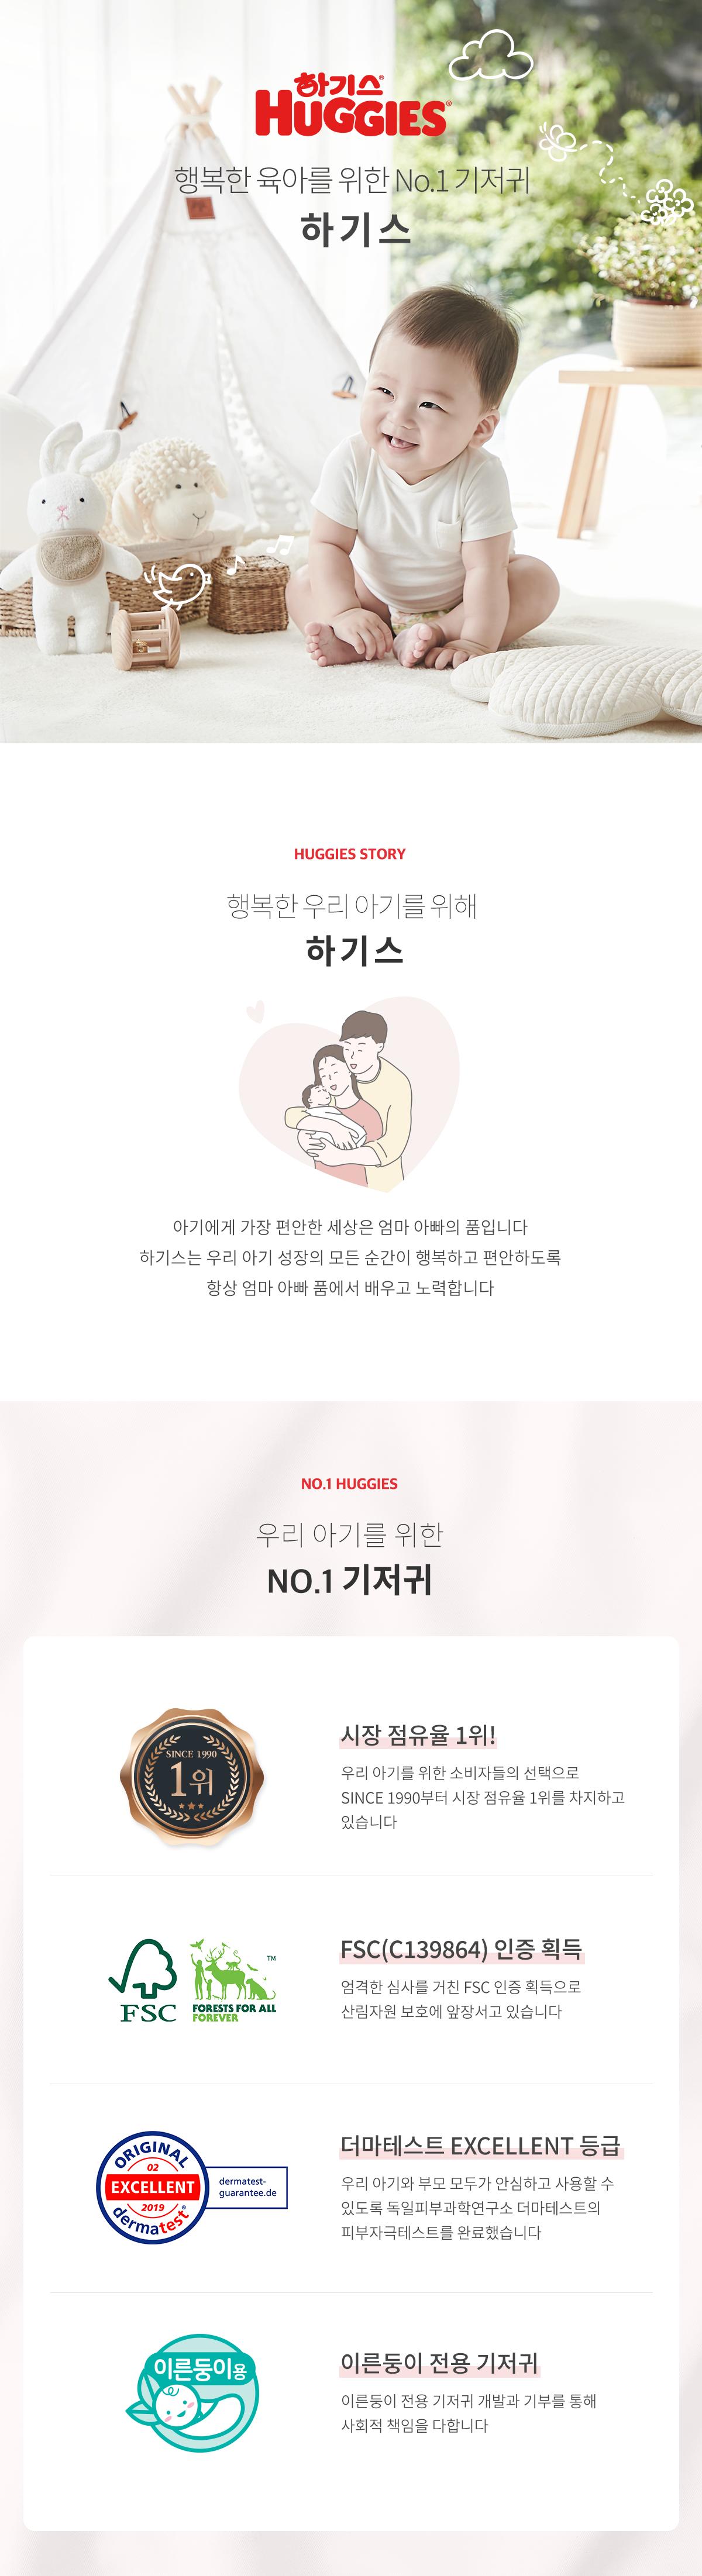 행복한 육아를 위한 NO.1 기저귀 - 하기스